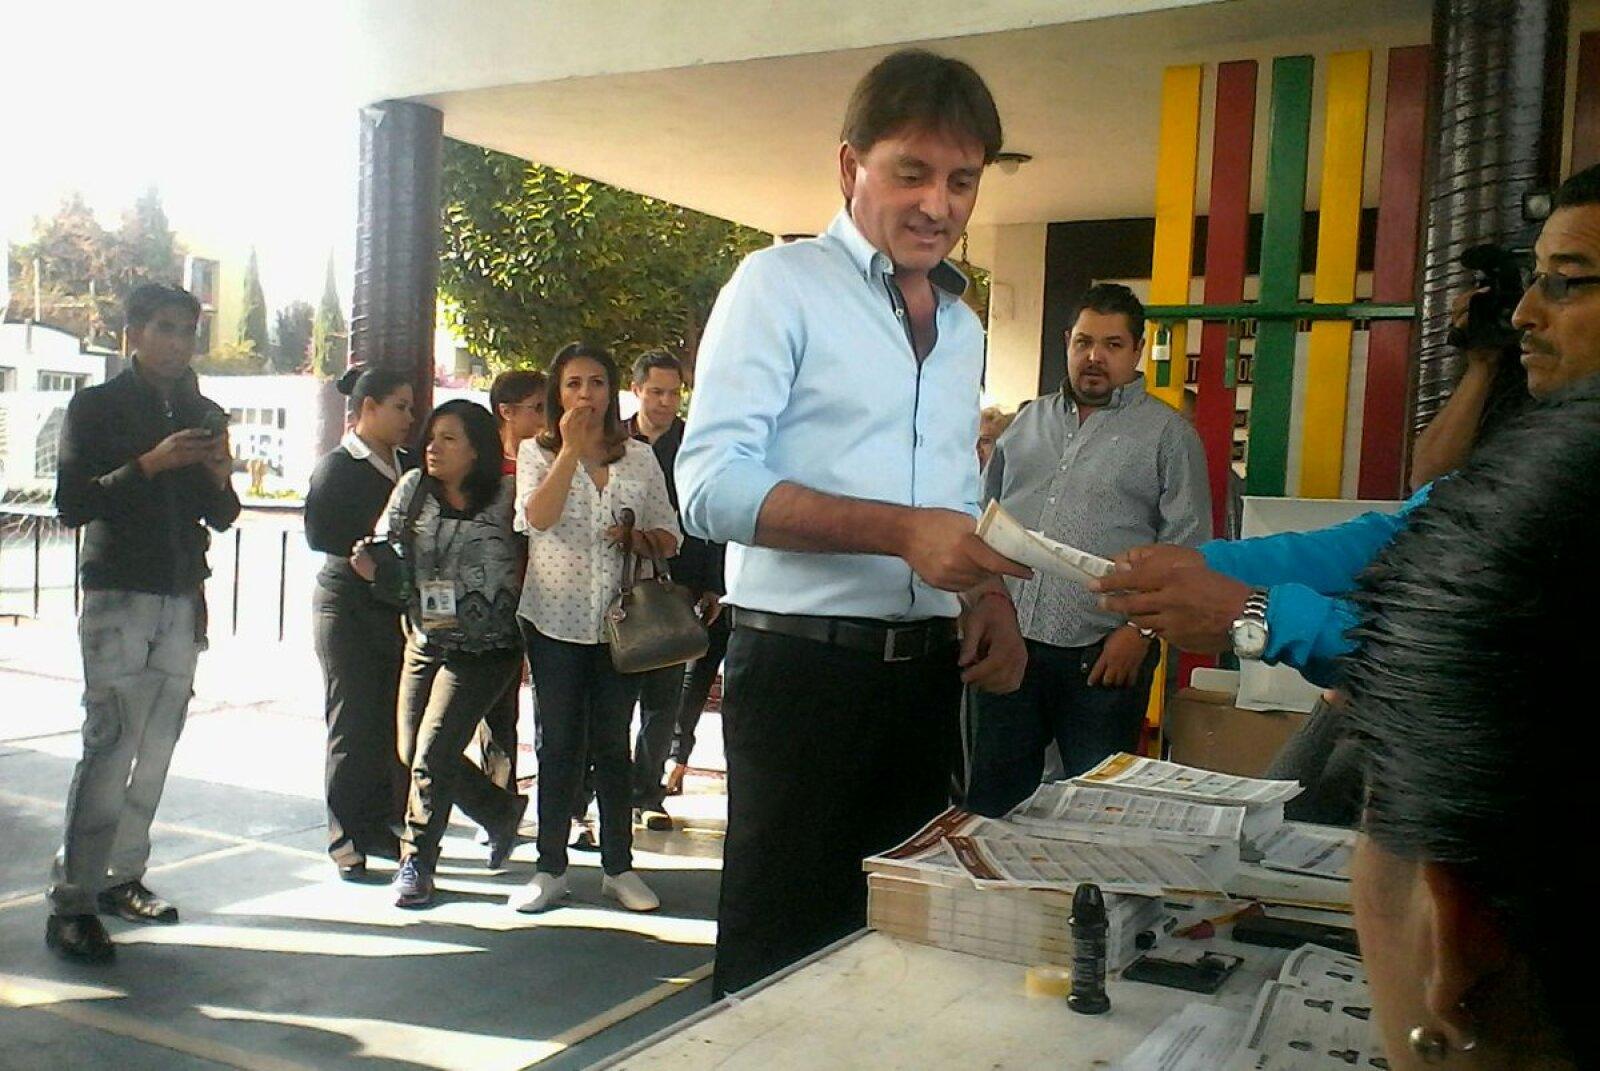 Francisco Xavier Berganza, candidato del PAN al gobierno de Hidalgo, dijo que impugnará la elección en la entidad aunque gane los comicios de este domingo con el fin de abonar a la democracia.